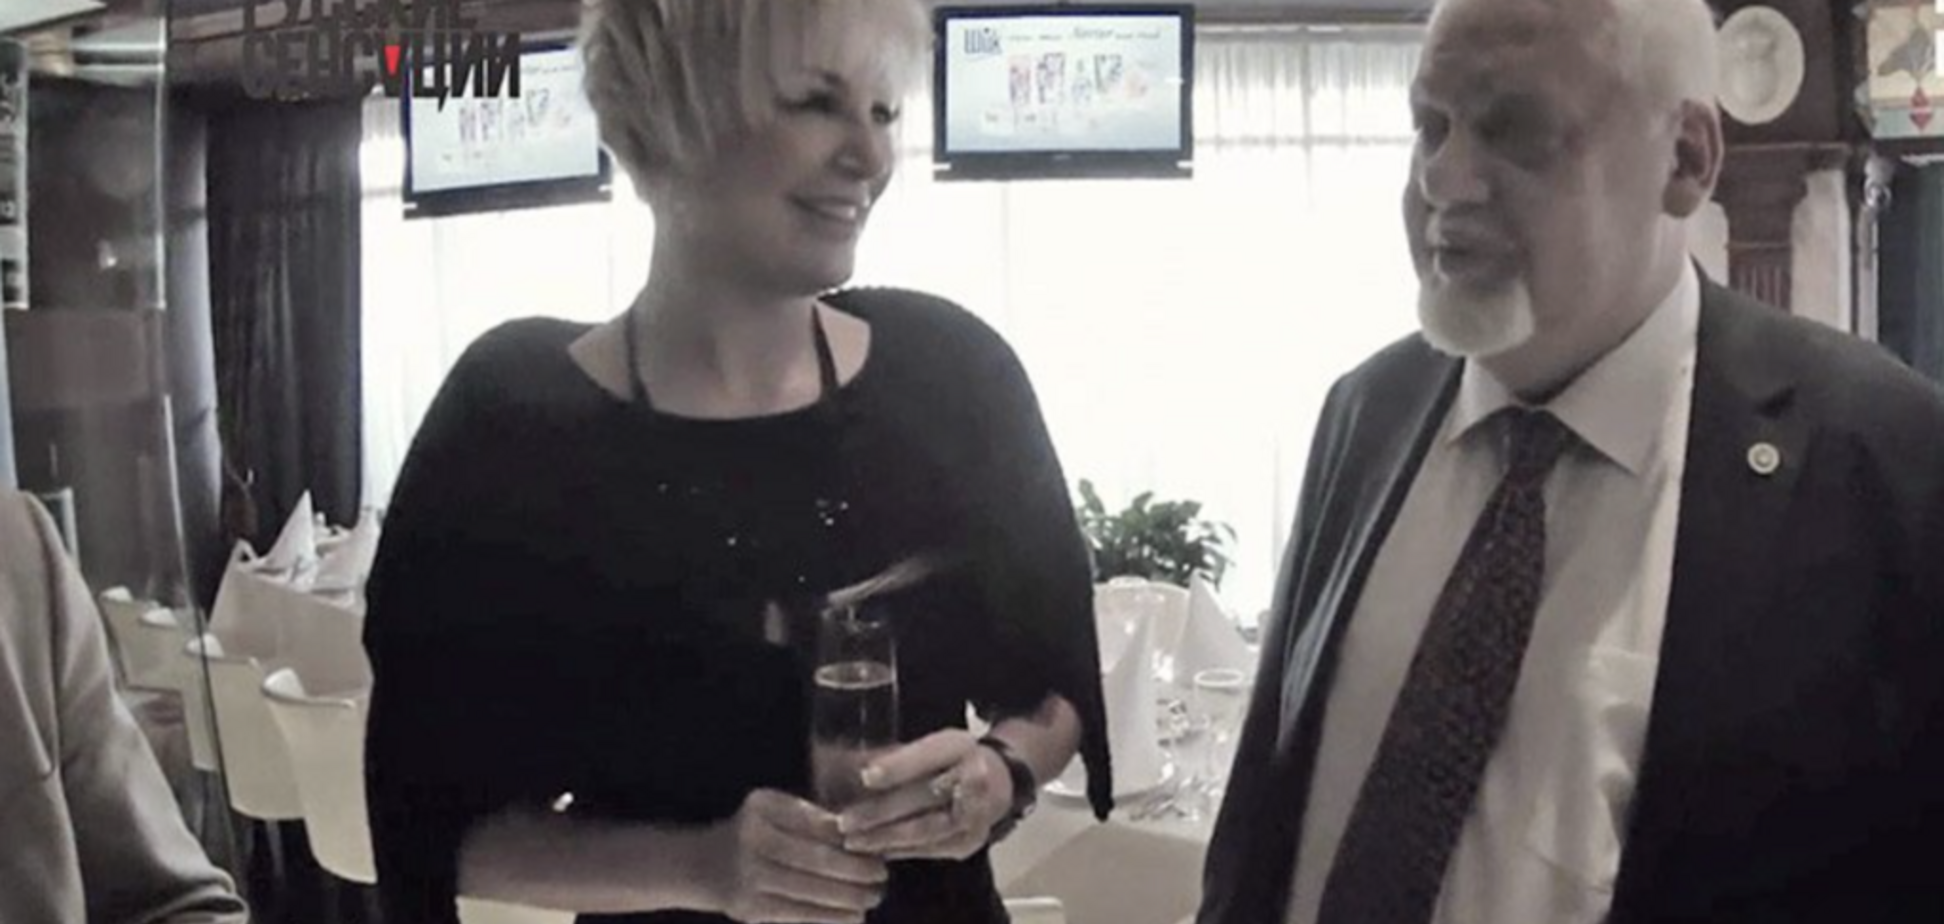 'Недовго страждала': росЗМІ приписали вдові Вороненкова новий роман